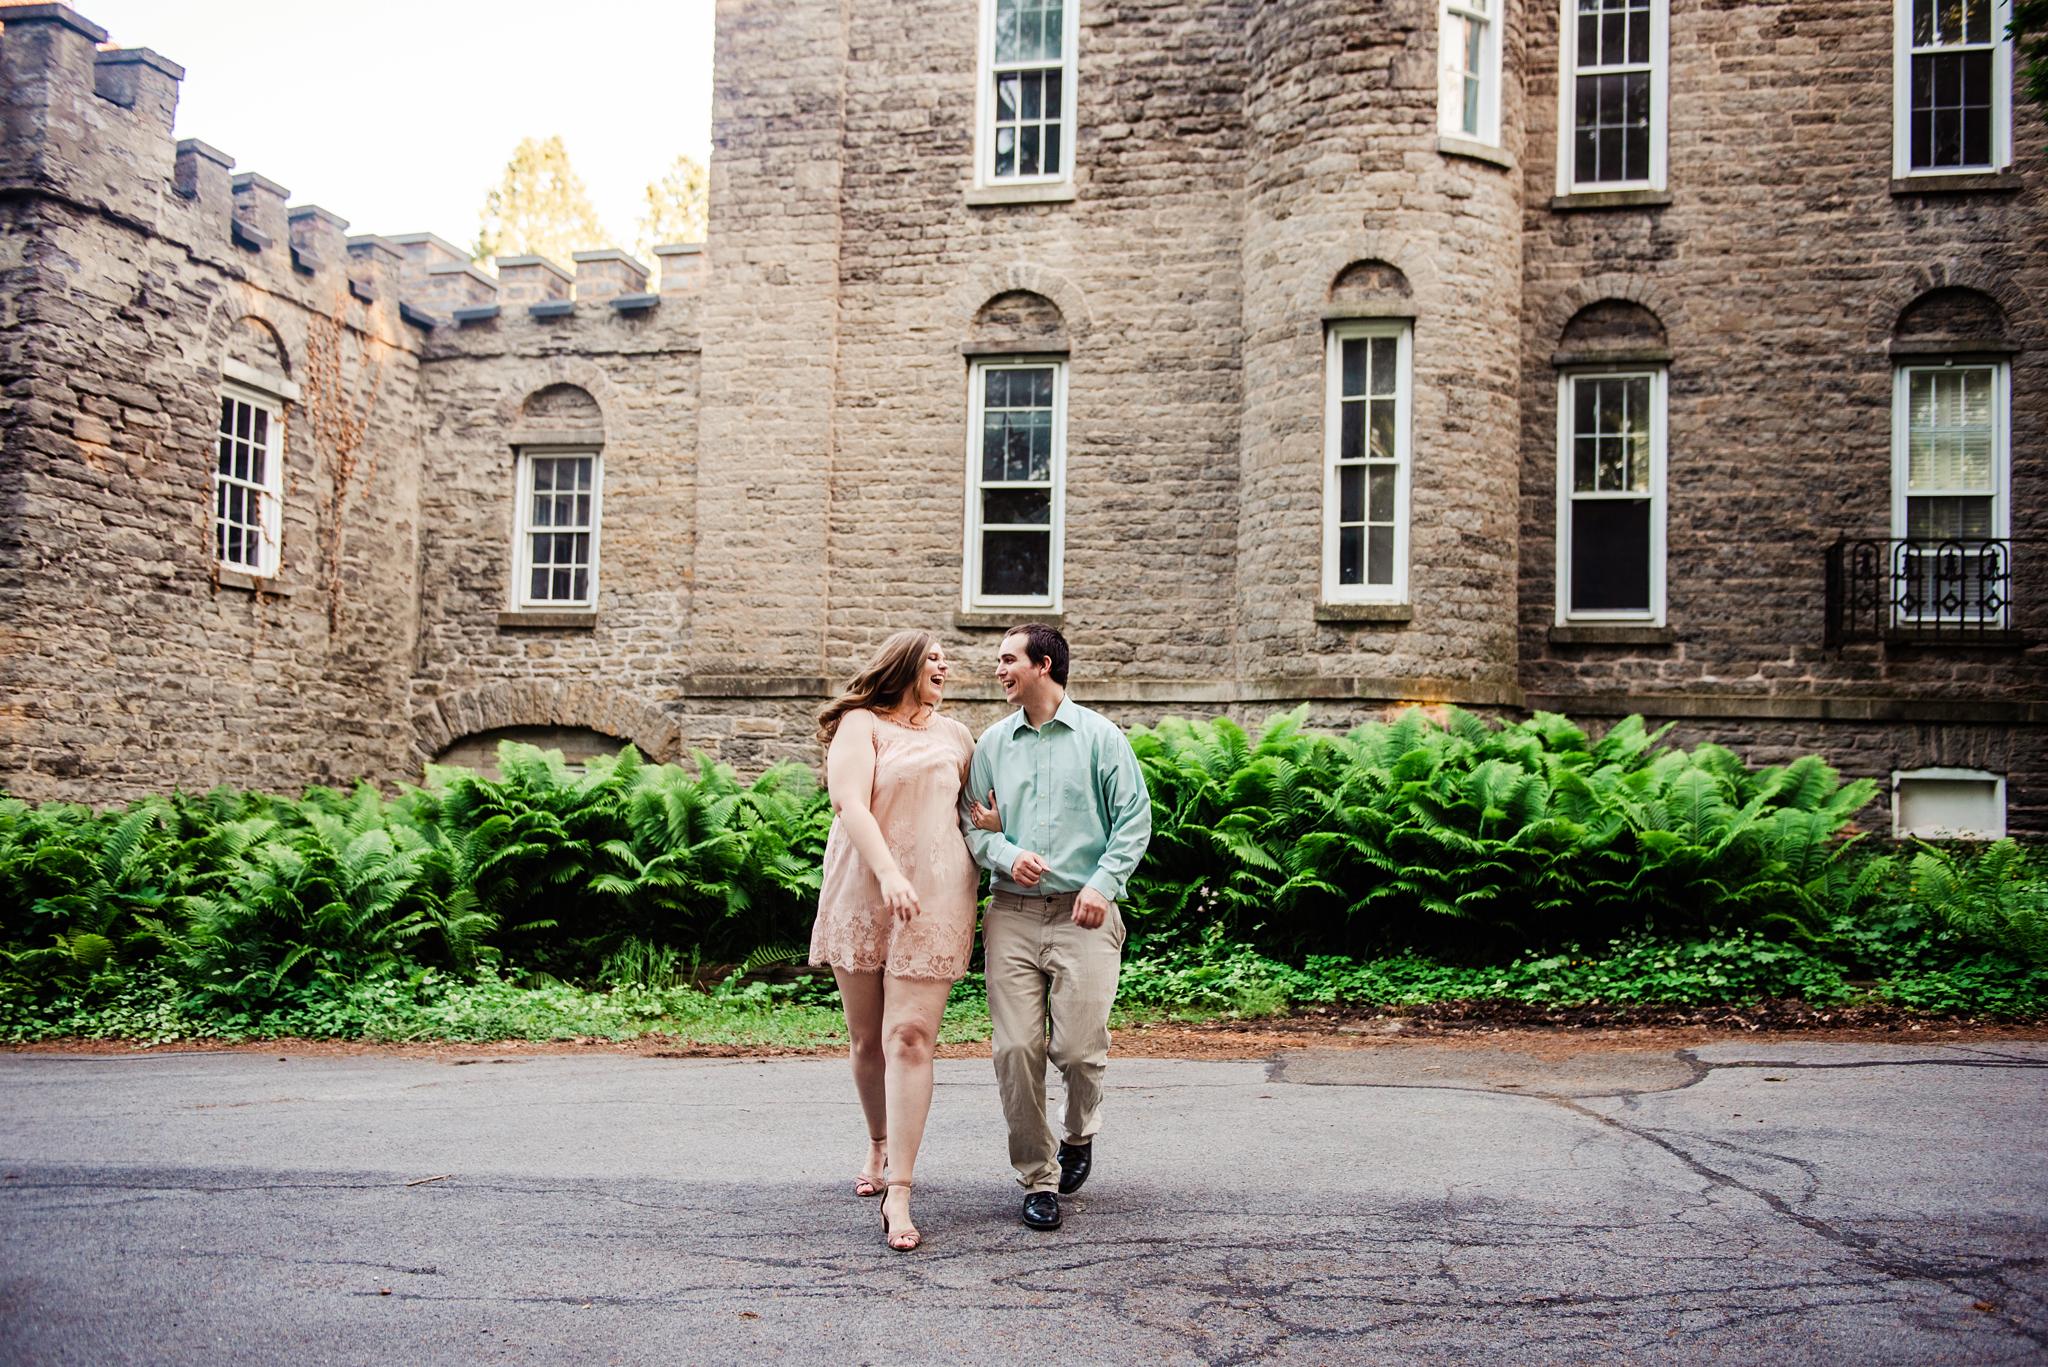 Warner_Castle_Sunken_Gardens_Rochester_Engagement_Session_JILL_STUDIO_Rochester_NY_Photographer_DSC_1408.jpg